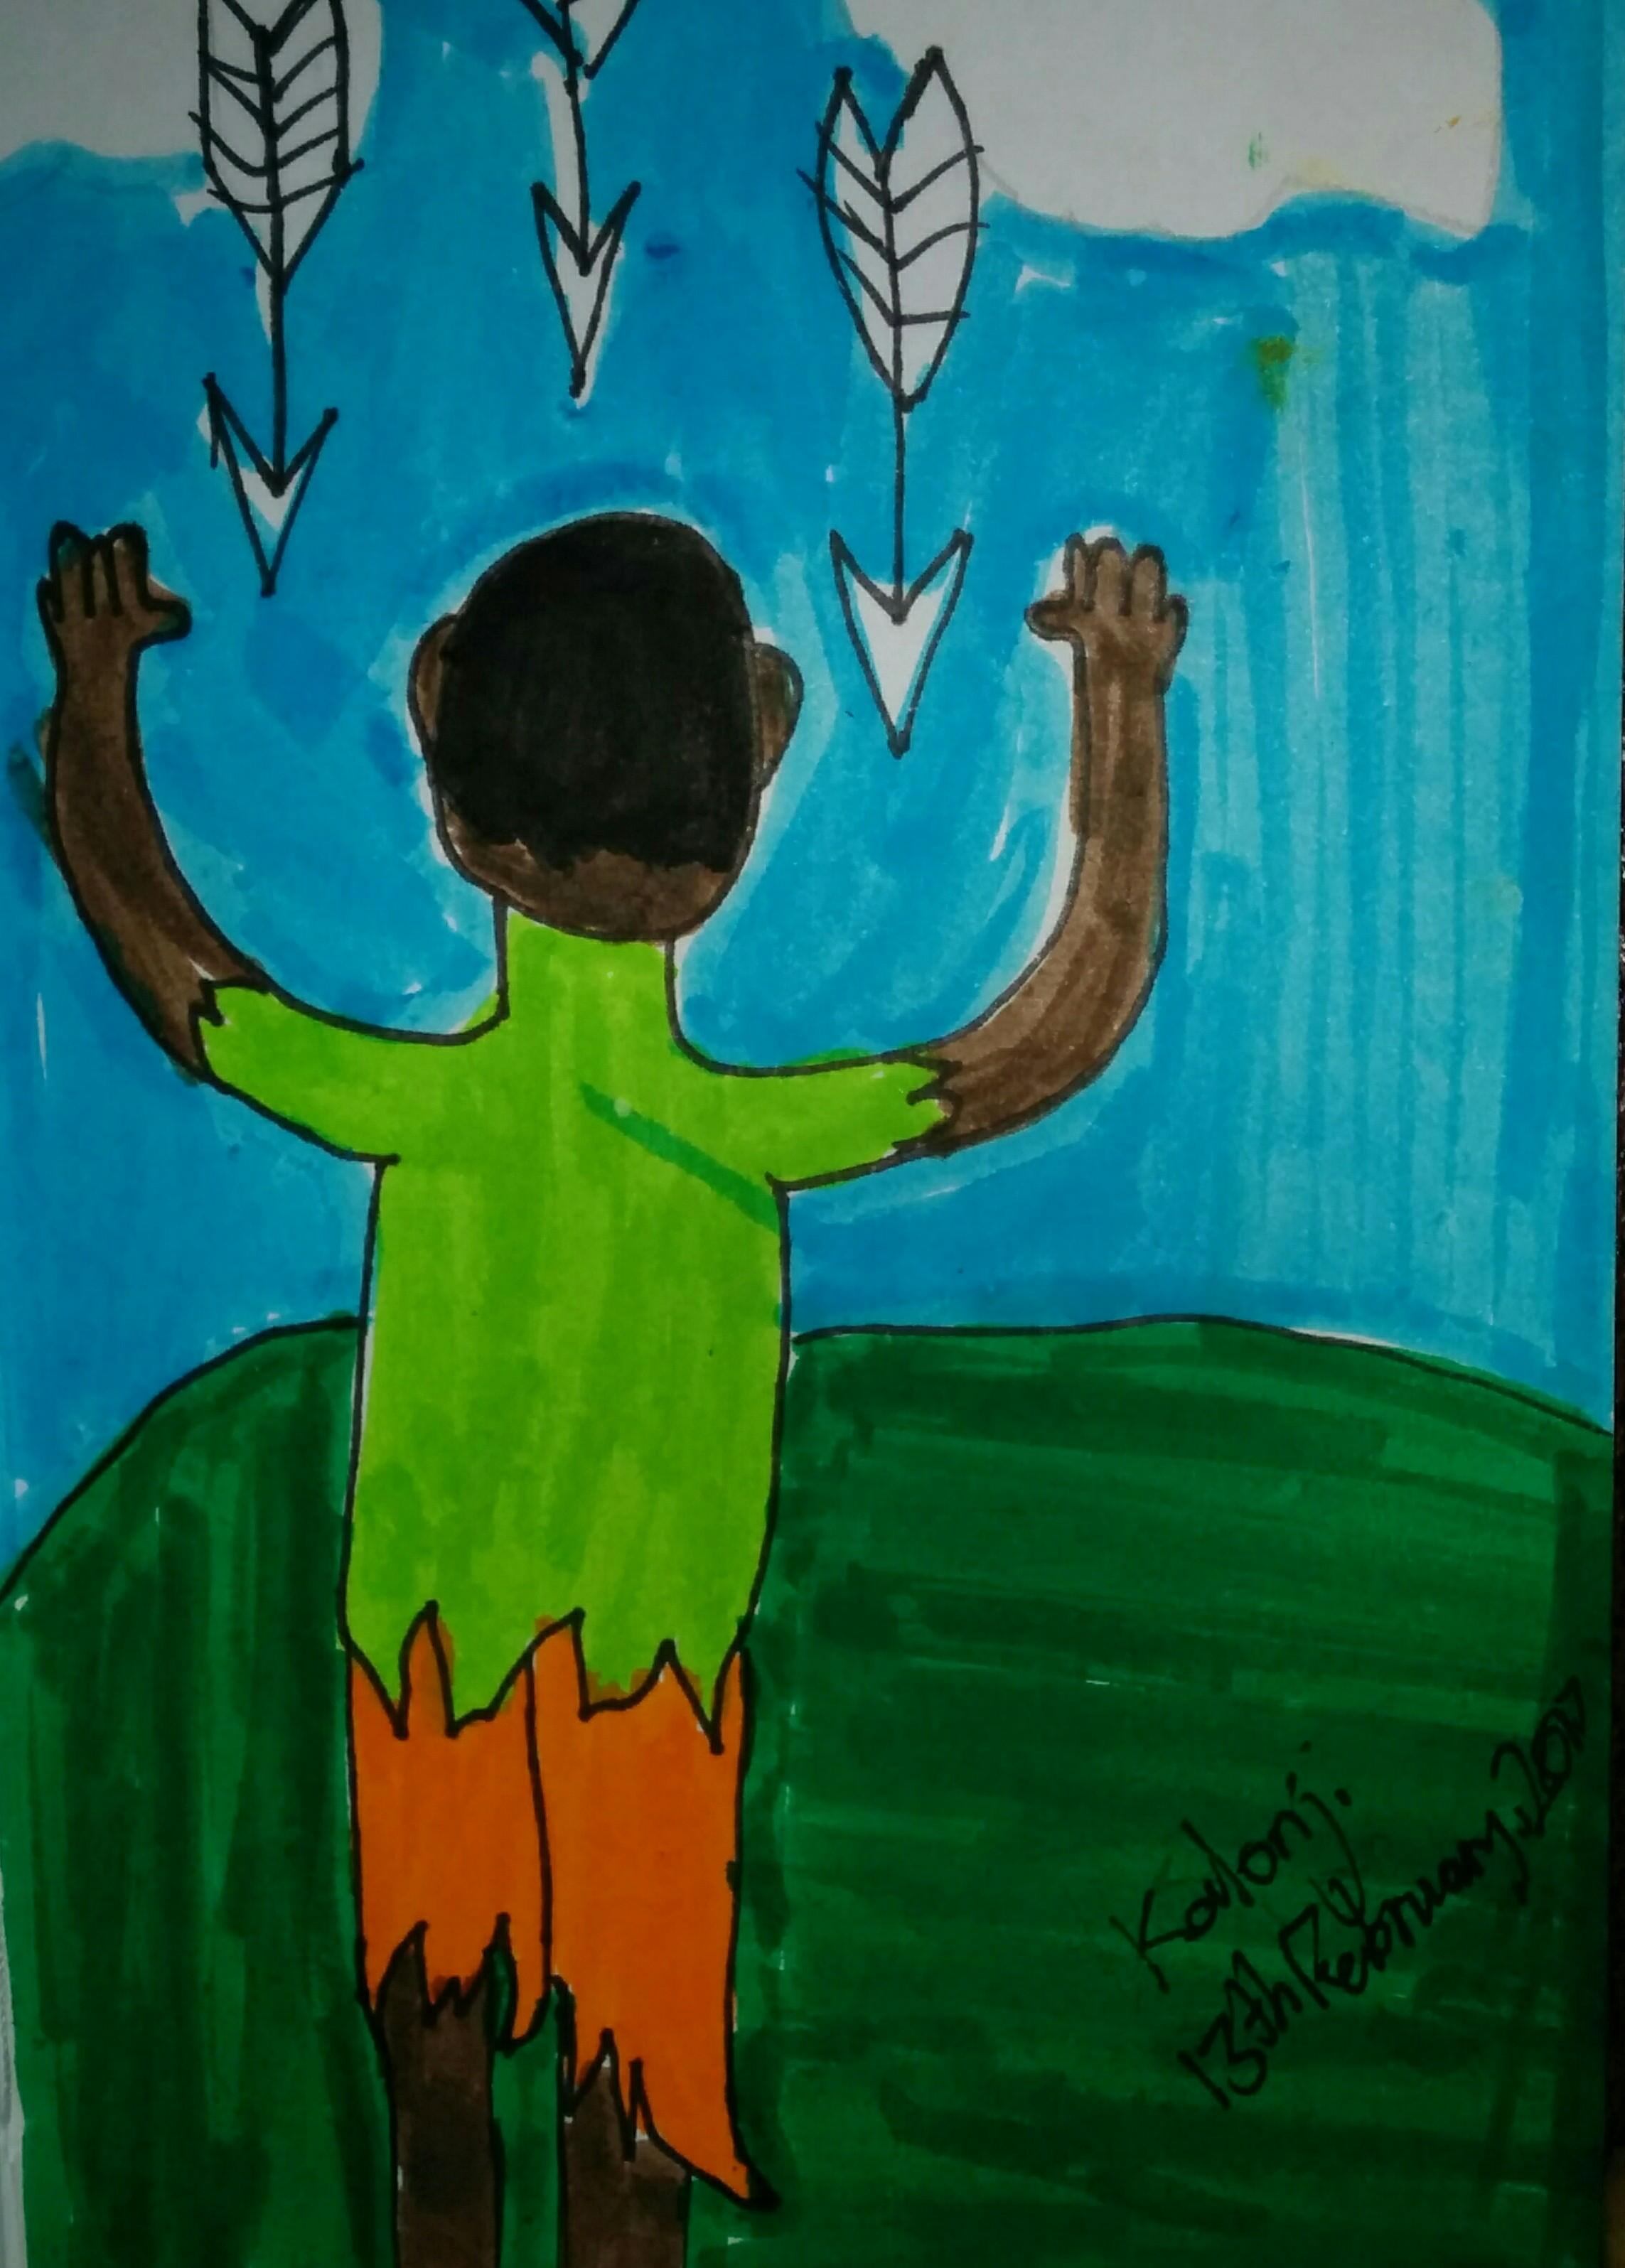 Kalonji's after-school sketch.